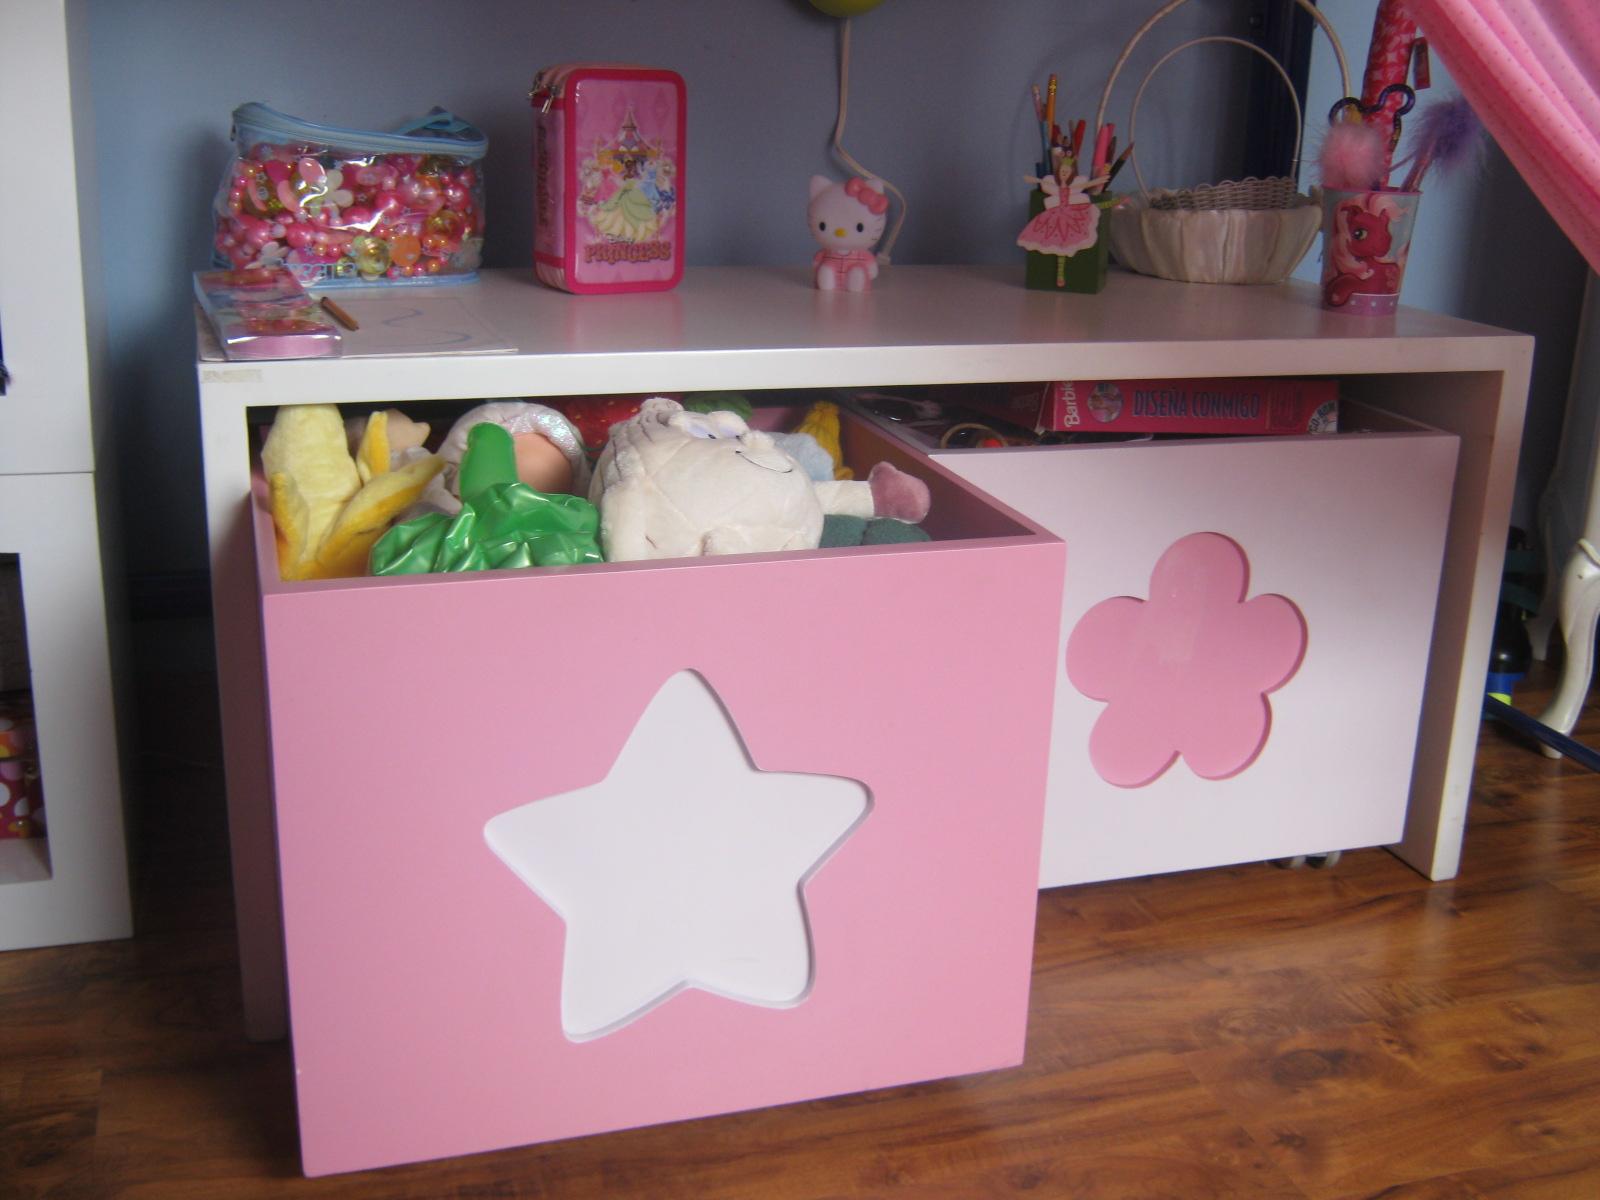 Handy mom nueva habitaci n para sofia - Cajones guarda juguetes ...